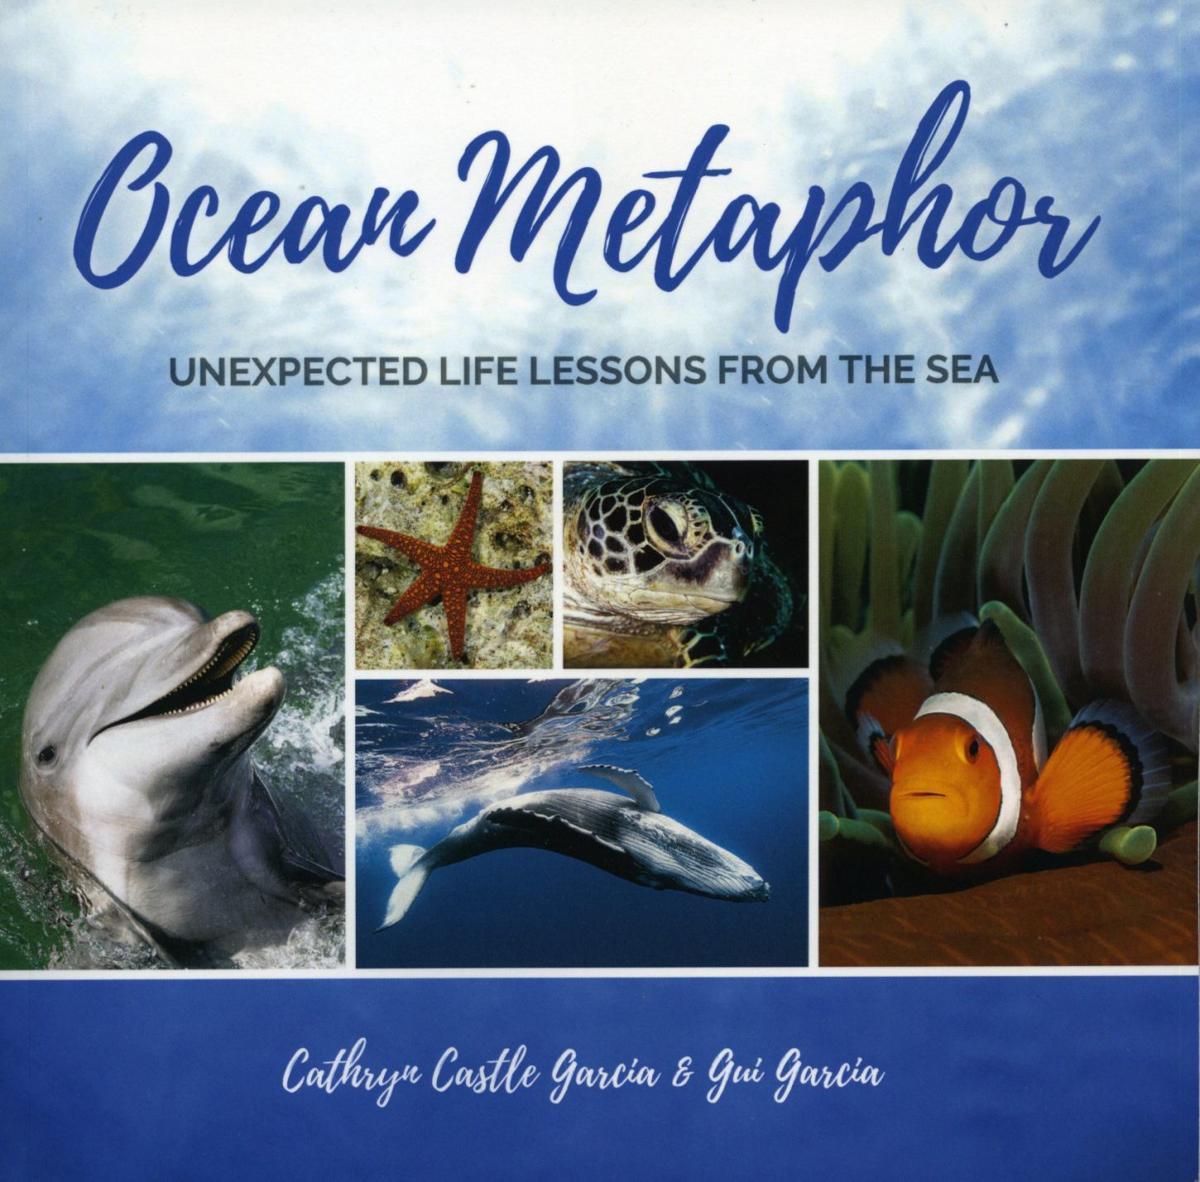 Ocean Metaphor